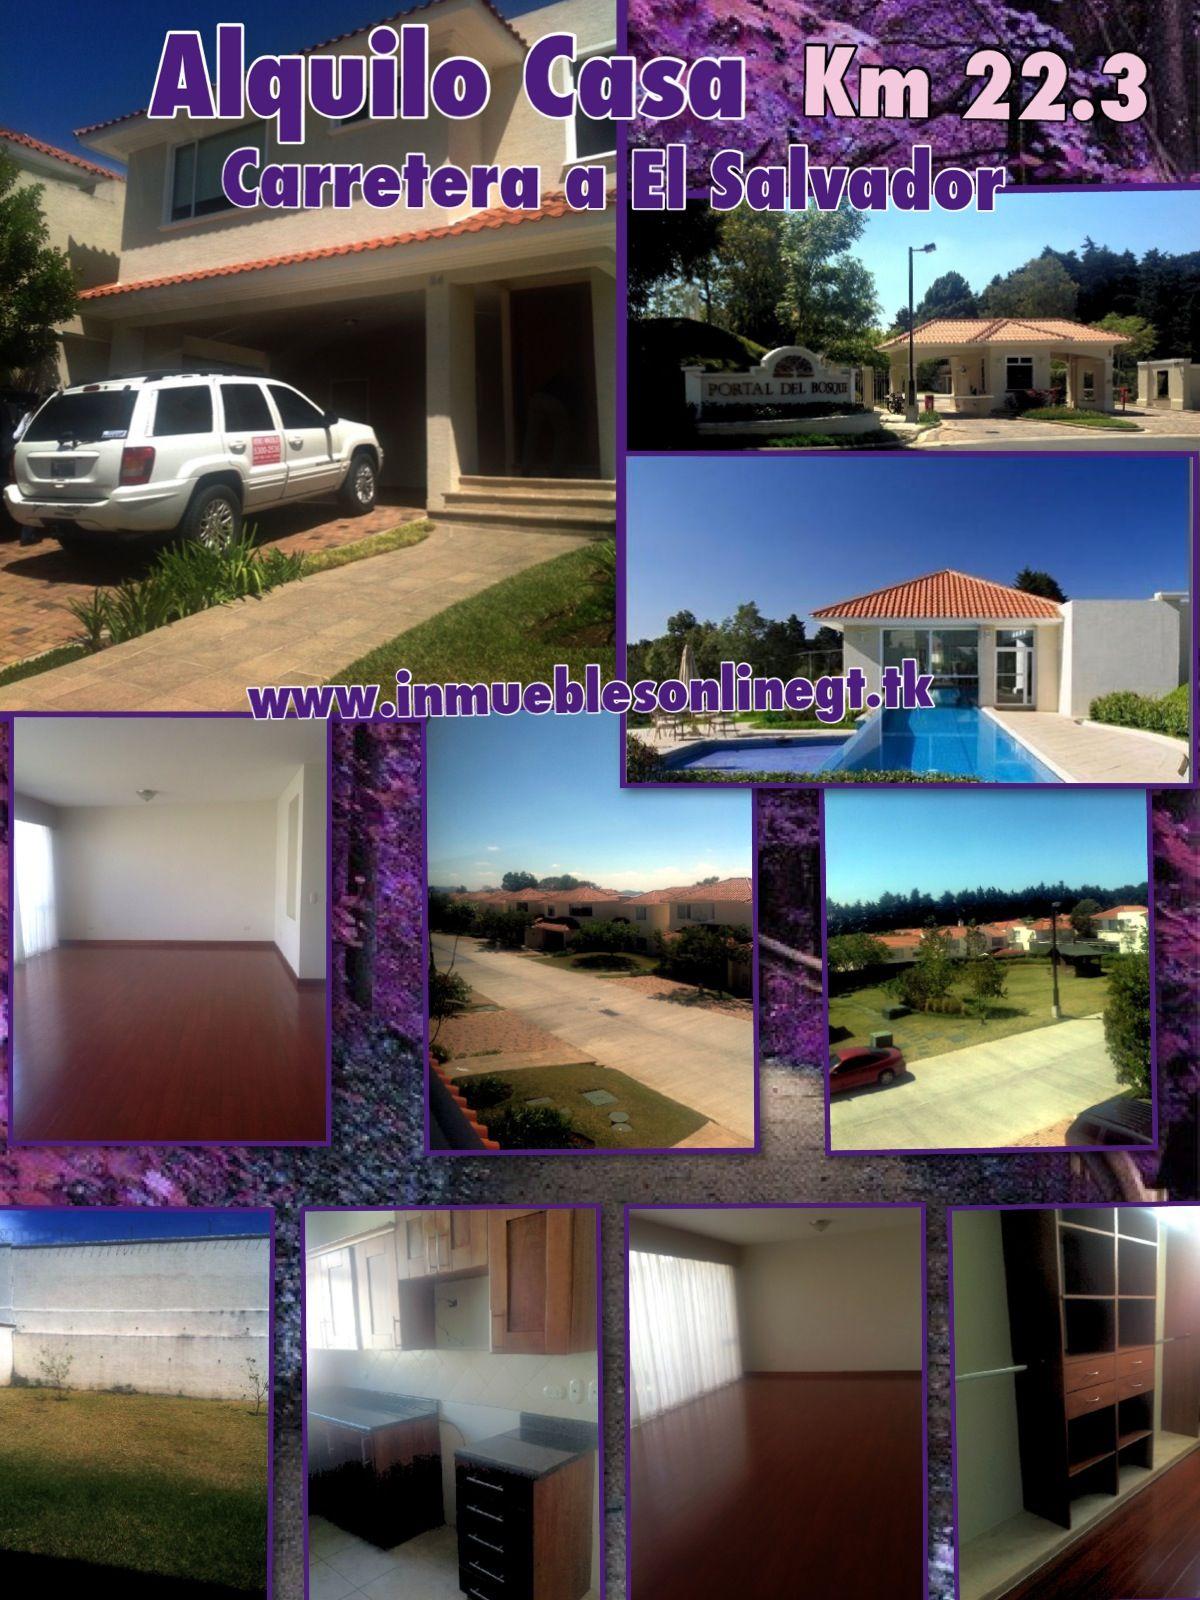 Alquilo Casa Km 22.3 Carretera a El Salvador  3 Dormitorios 2.5 Baños 4 Parqueos sala familiar, antesala o estudio, amplio jardin Condominio exclusivo con piscina, salon social, canchas polideportivas, areas verdes e infantiles, garita, vecindario definido muy exclusivo de familias  Renta $1200 Visitas 51844109 42387726 42221612 53002536 AC568 anaurrutia@live.com www.inmueblesonlinegt.tk en Facebook Bienes Inmuebles GT